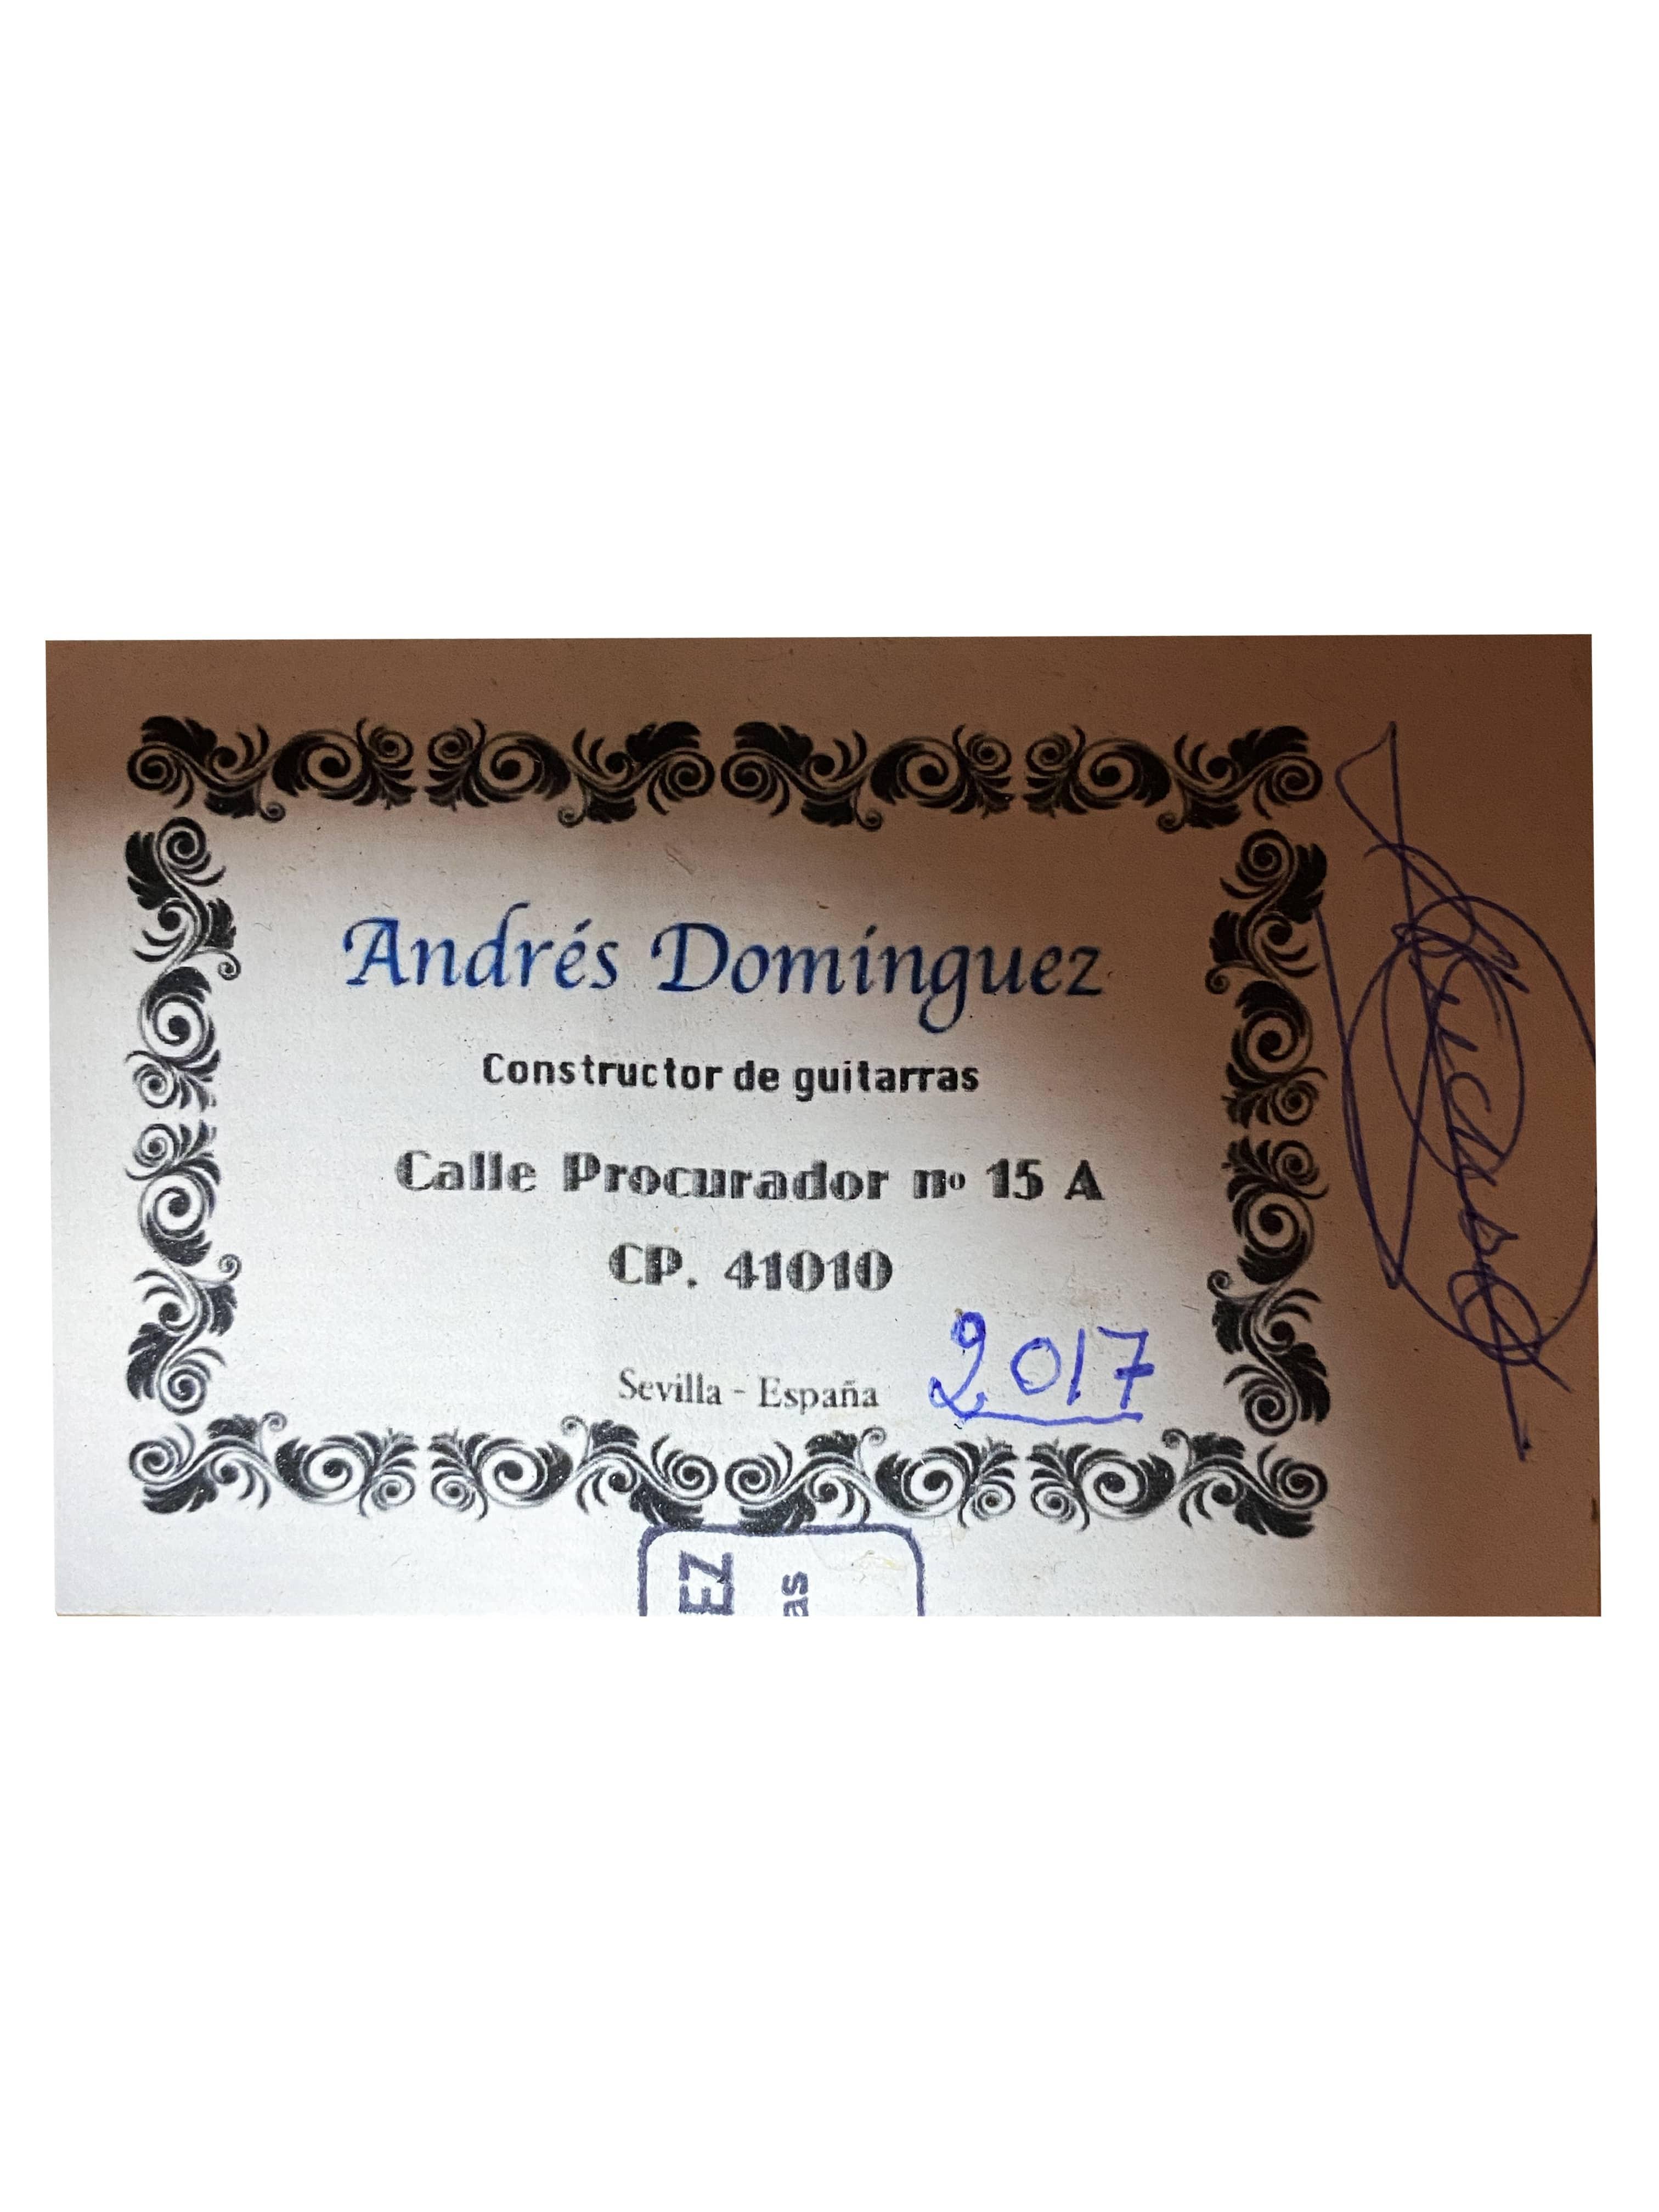 Andrés Domínguez